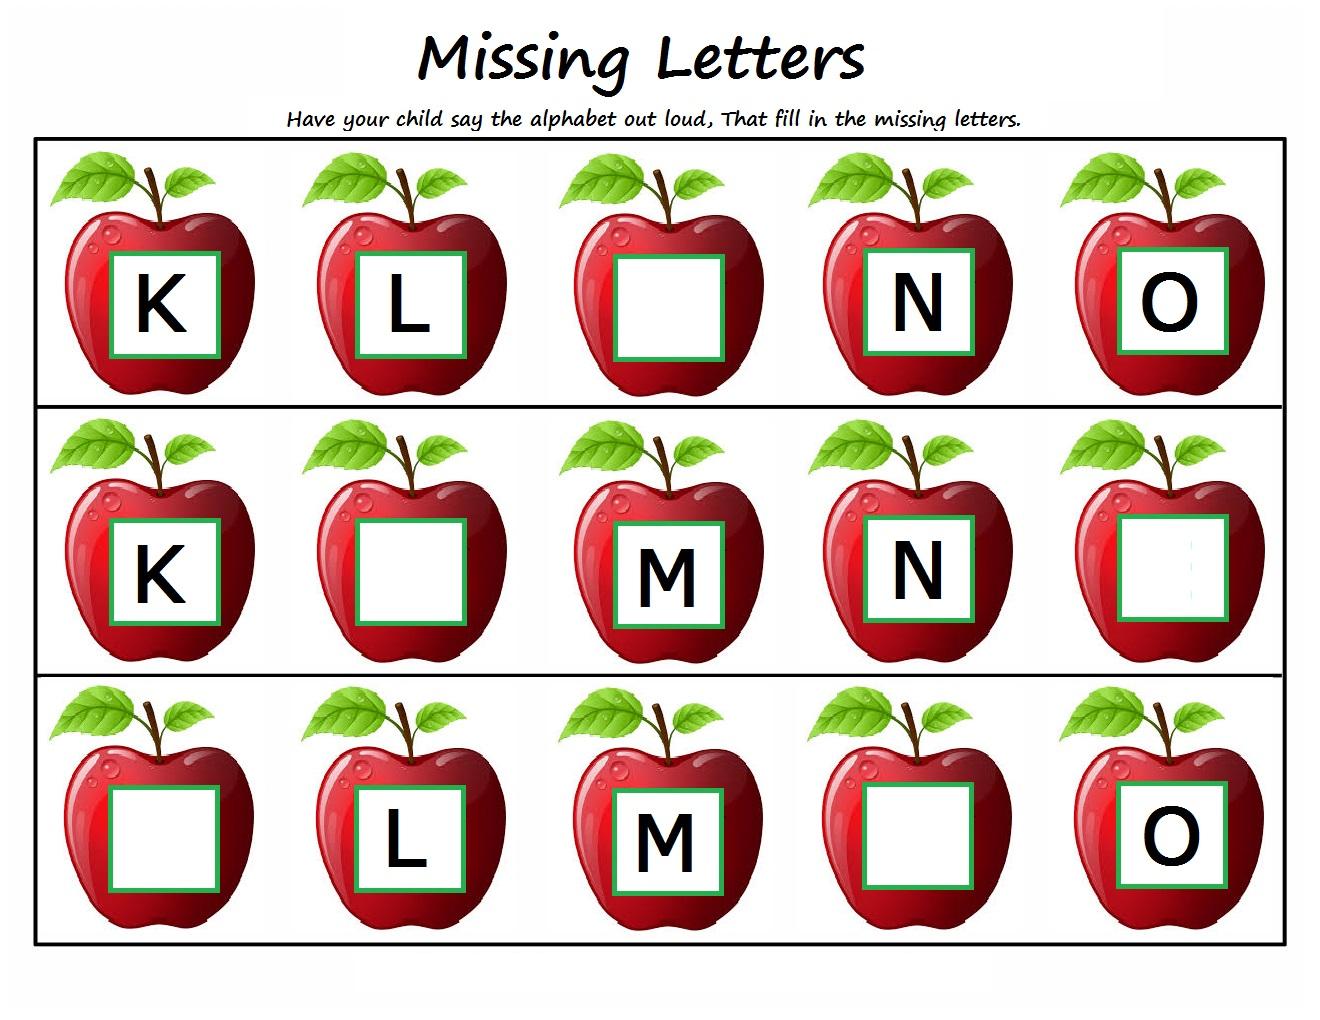 Worksheet #13231982: Missing Alphabet Worksheets for Kindergarten.